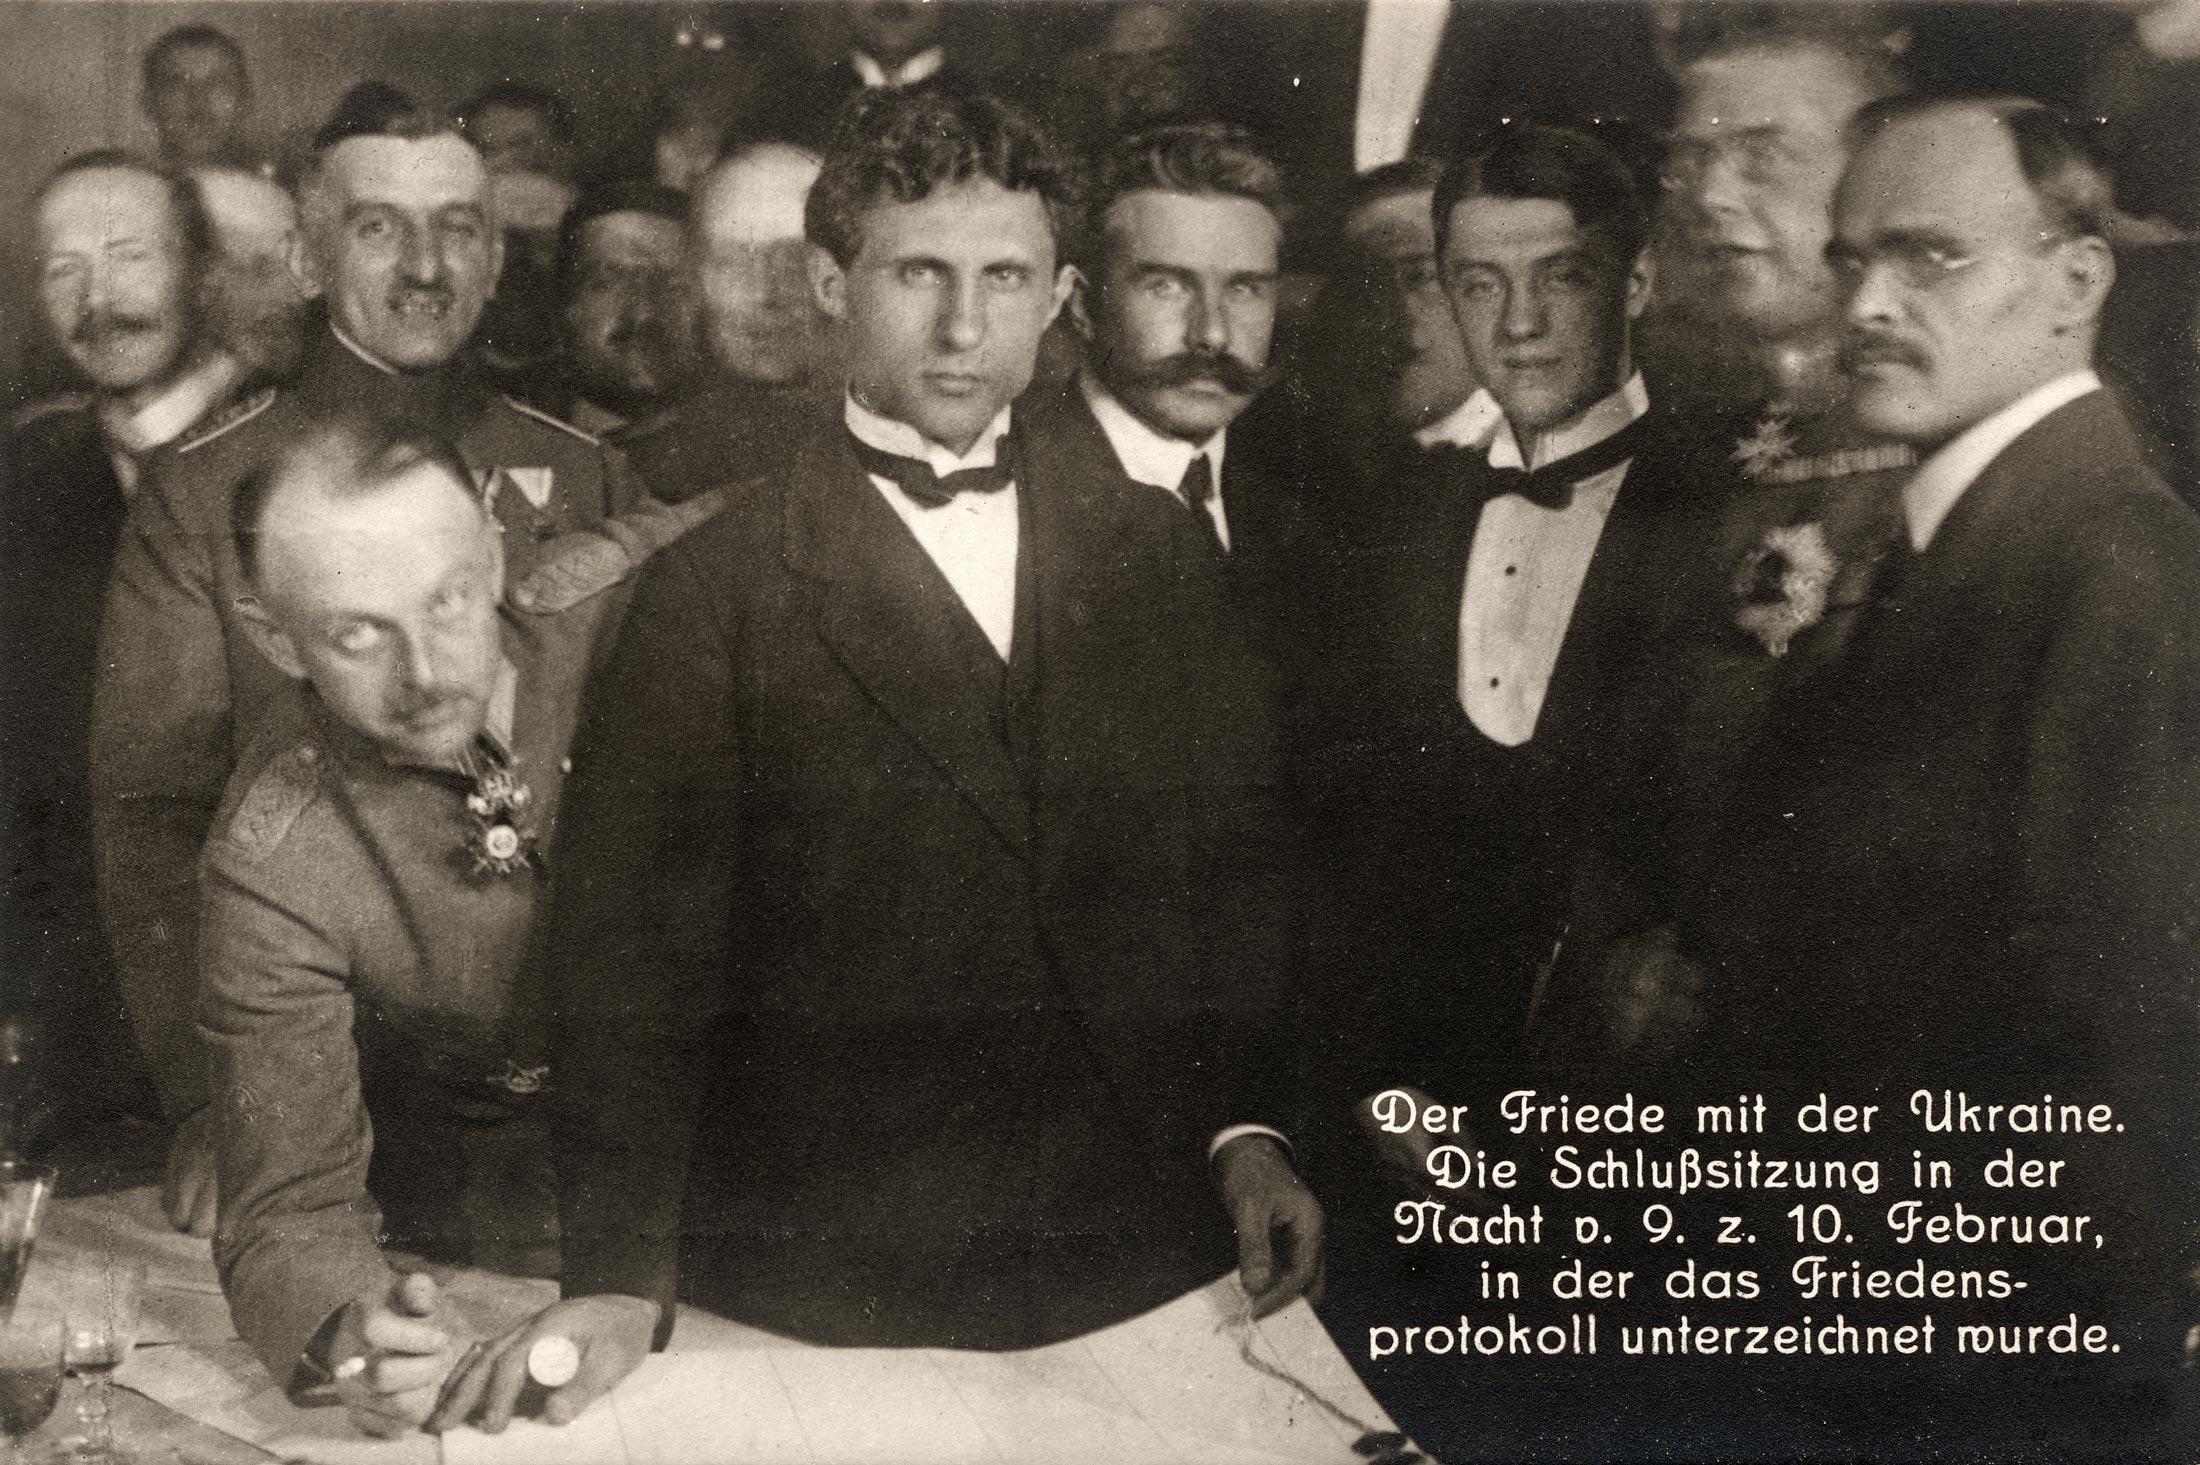 Brest-litovsk-feb-9-1918b